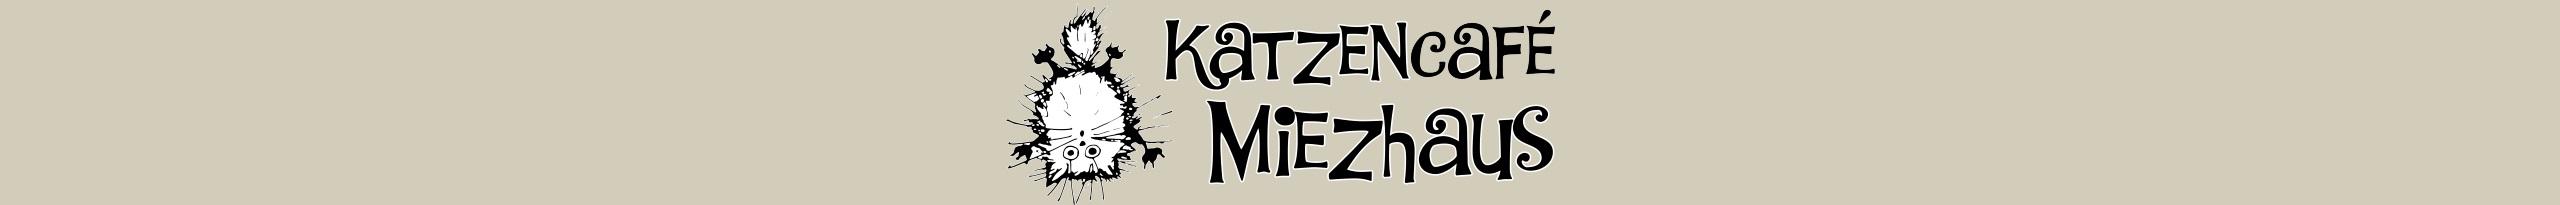 Cat Café Miezhaus